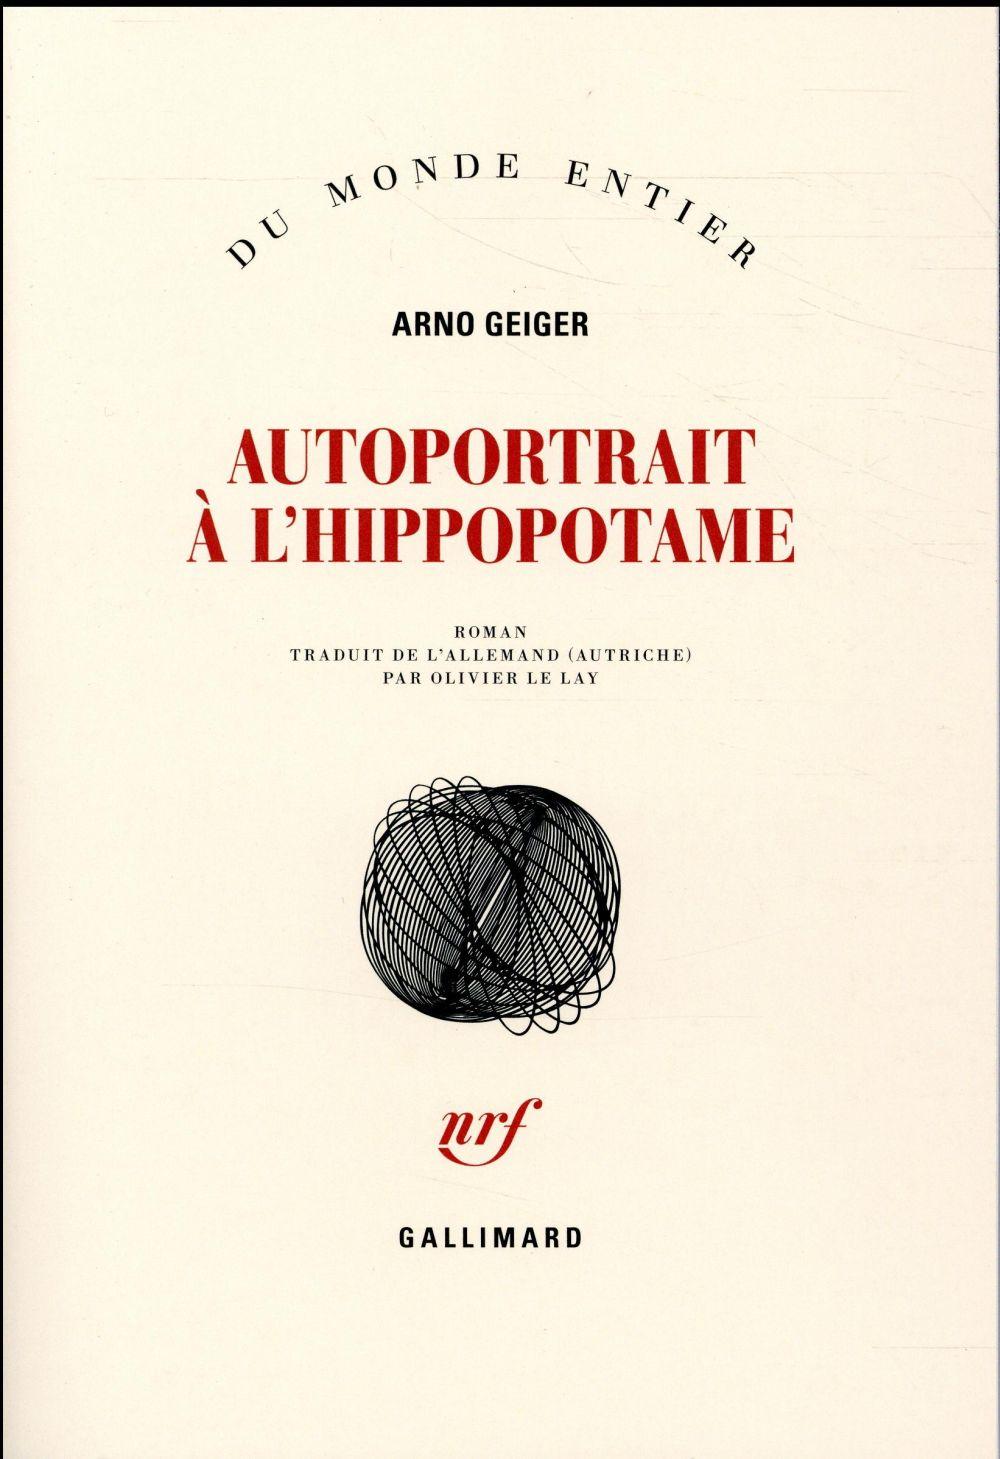 AUTOPORTRAIT A L'HIPPOPOTAME